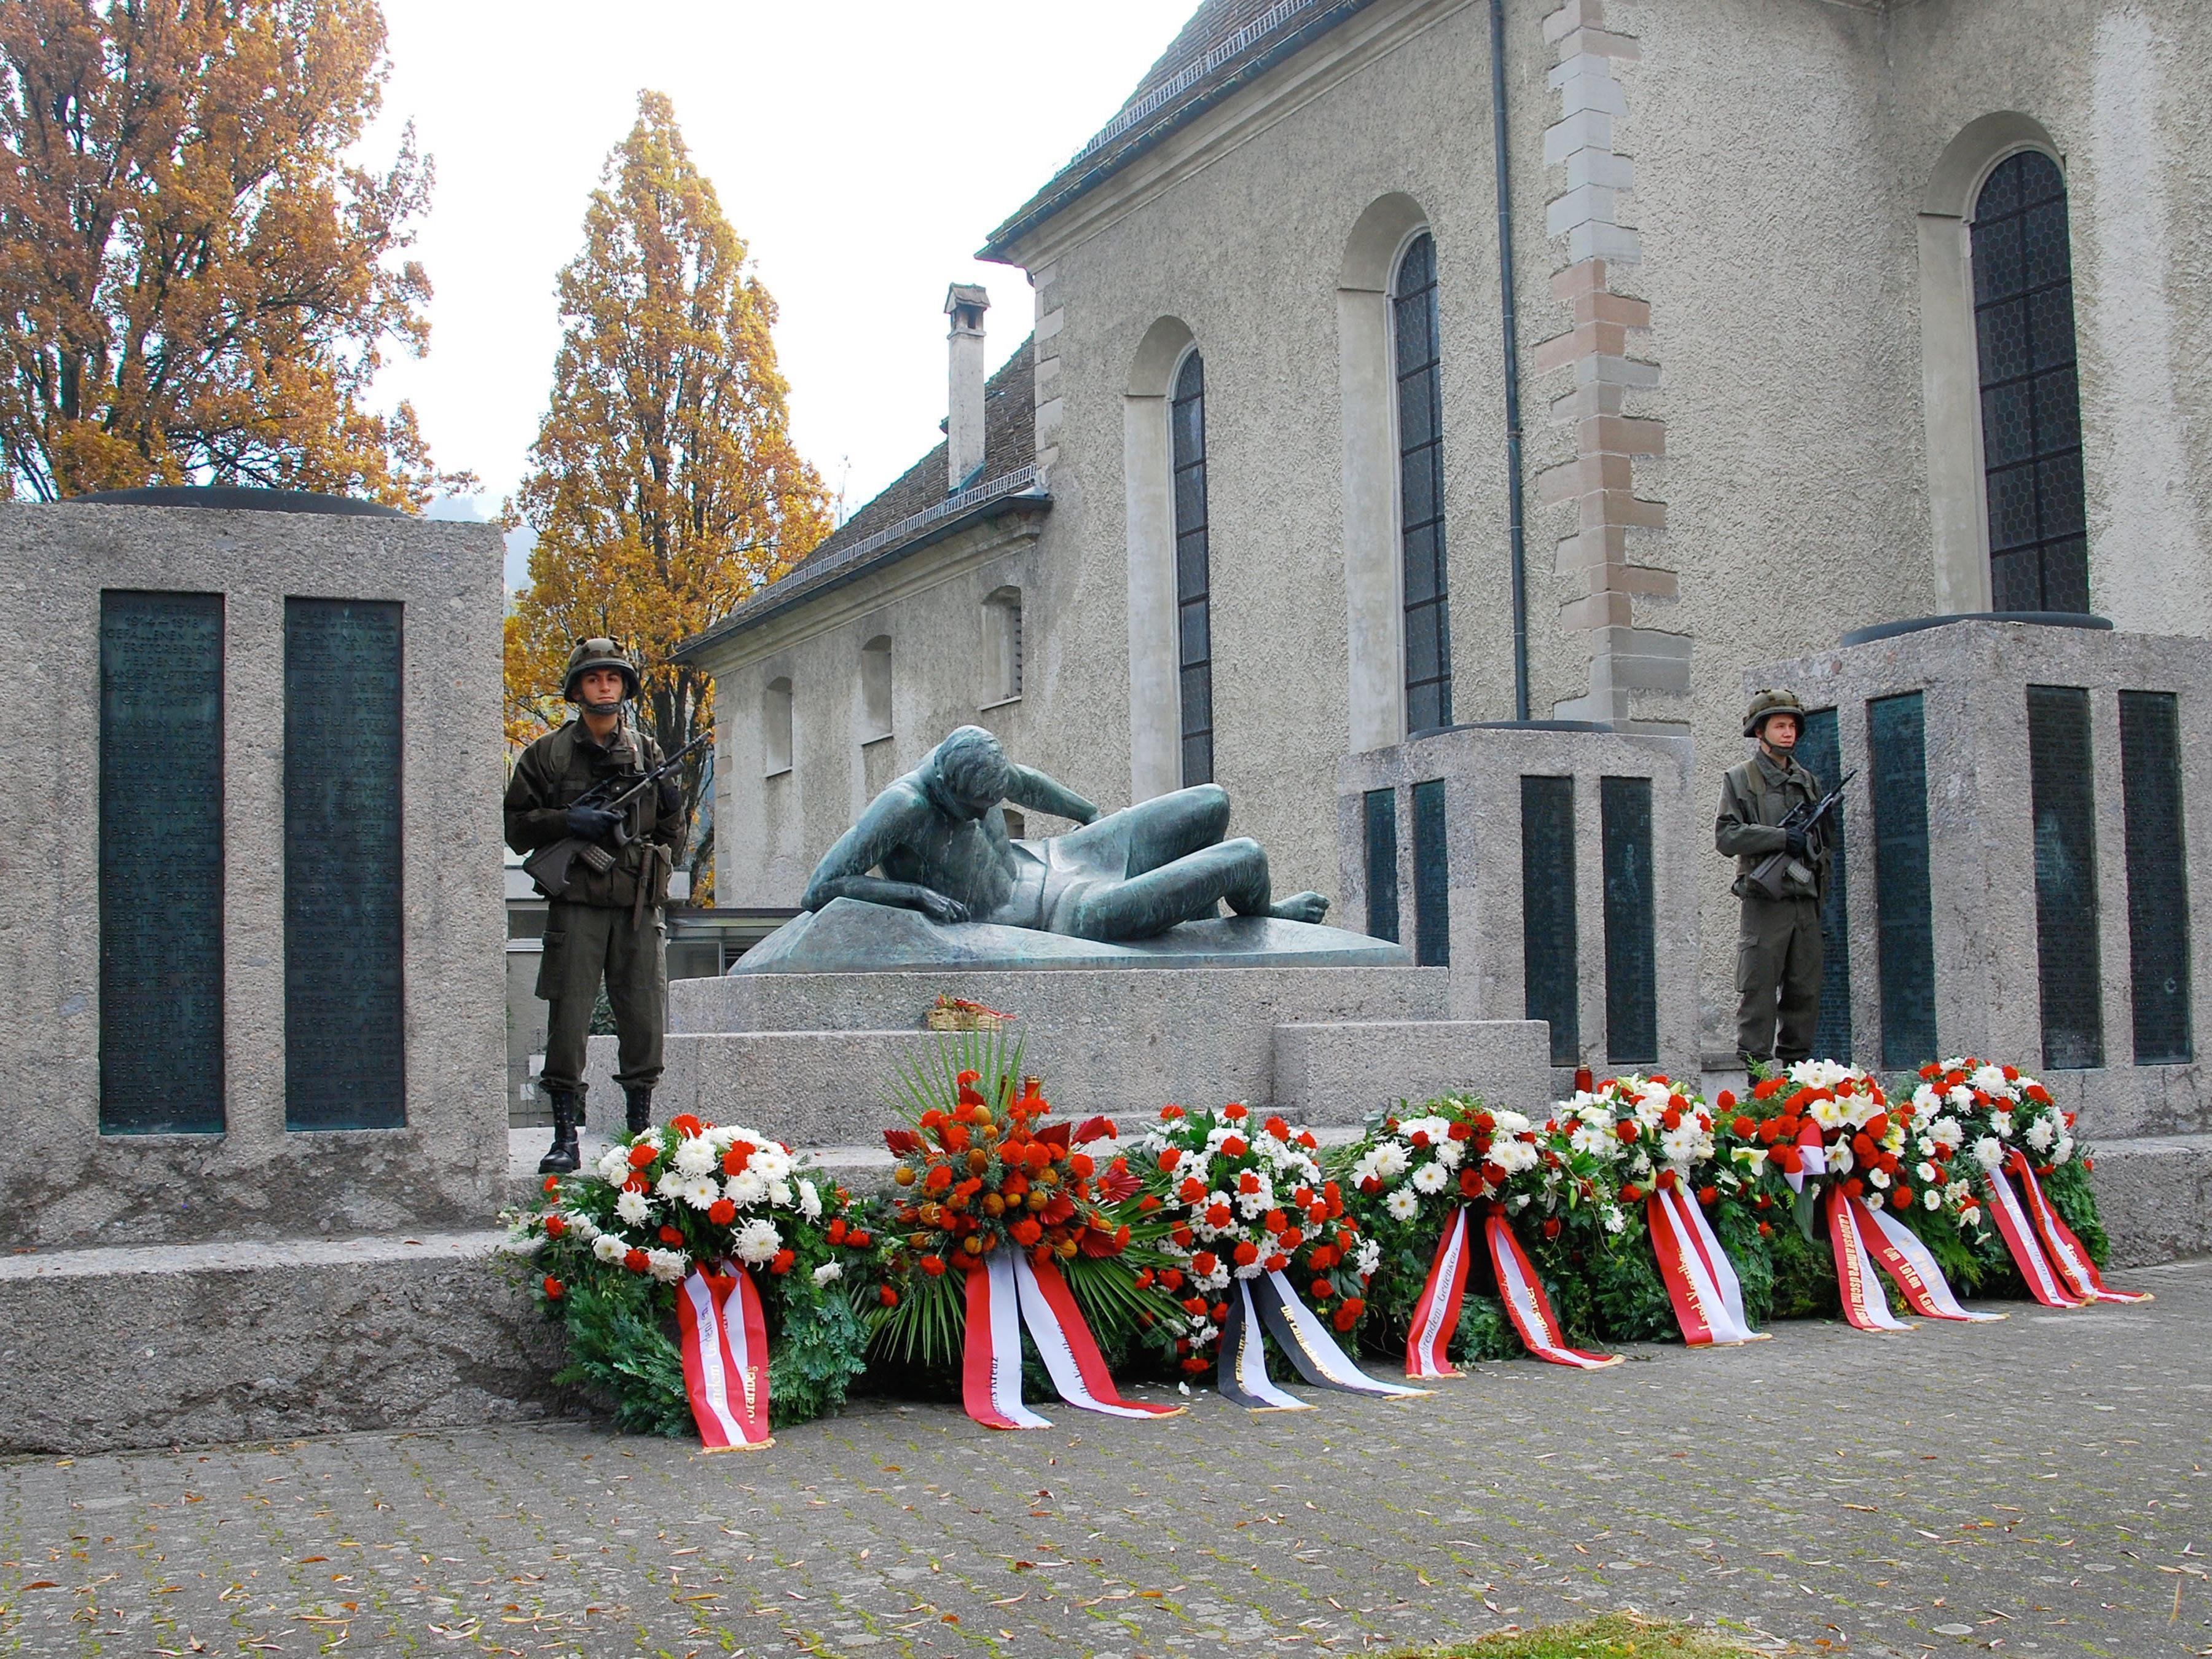 Am Kriegerdenkmal St. Gallus kam es zur traditionellen Kranzniederlegung